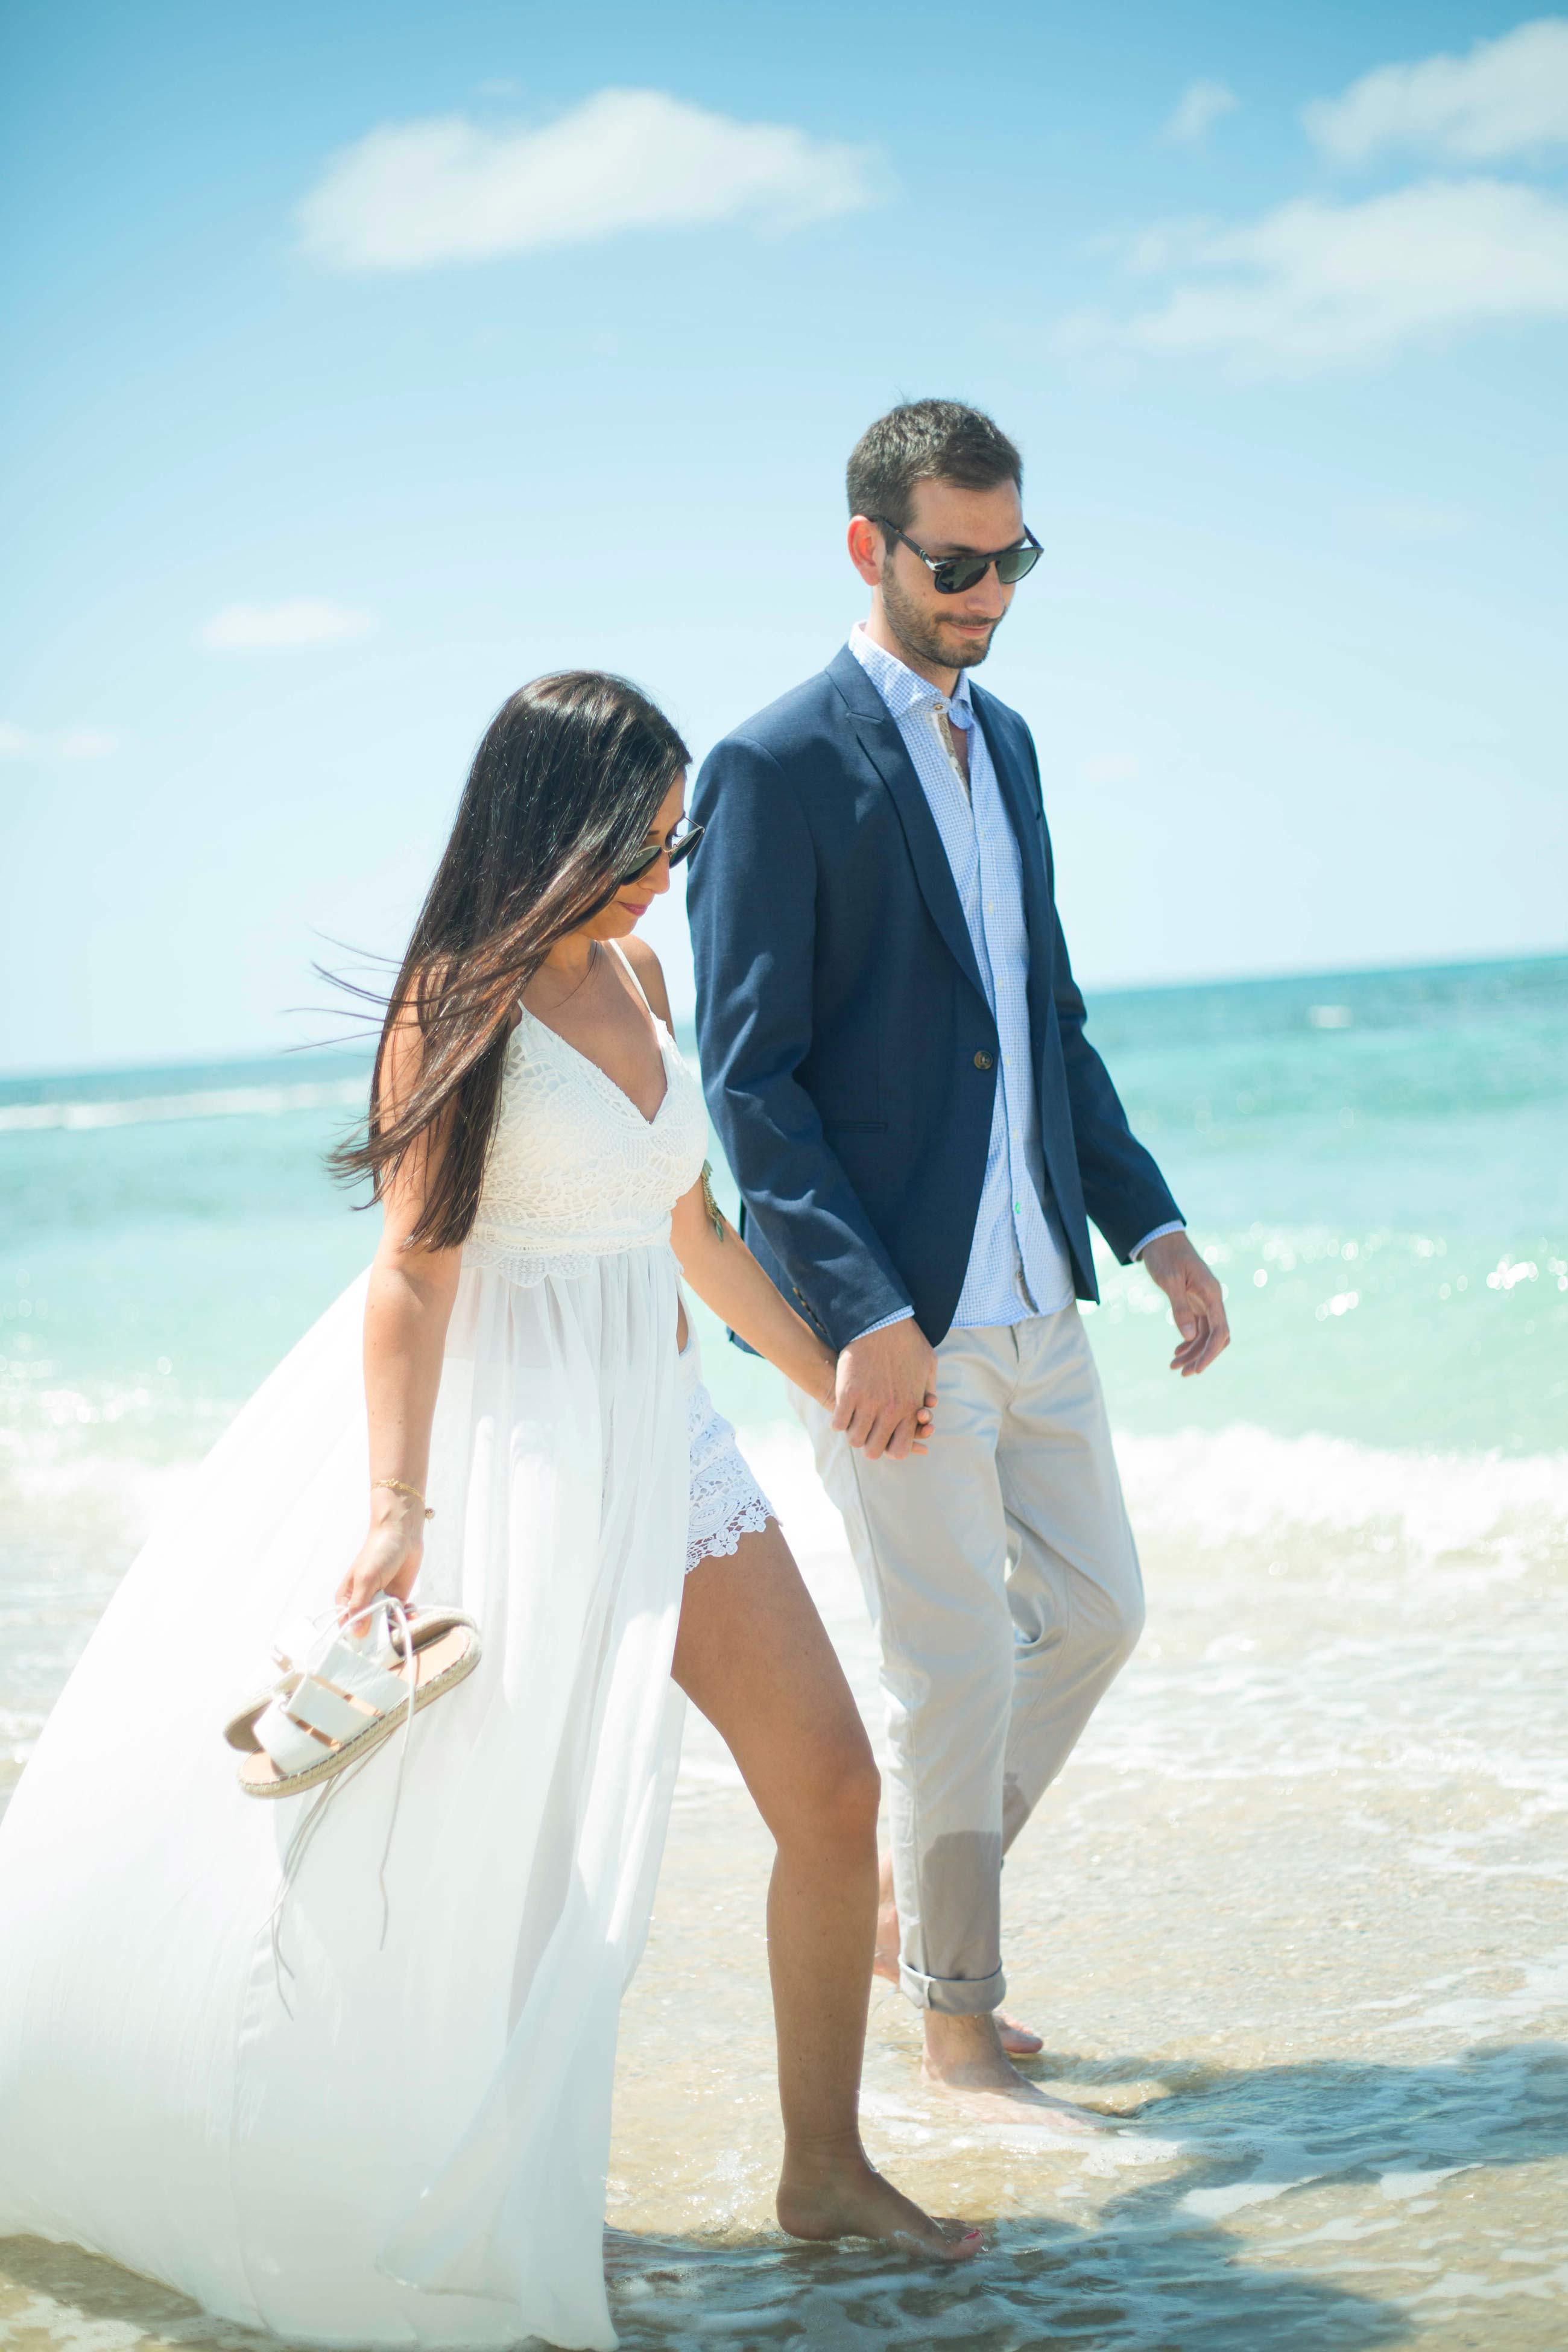 lea-jeremie-mariage-tel-aviv-israel-photographe-paris-video8